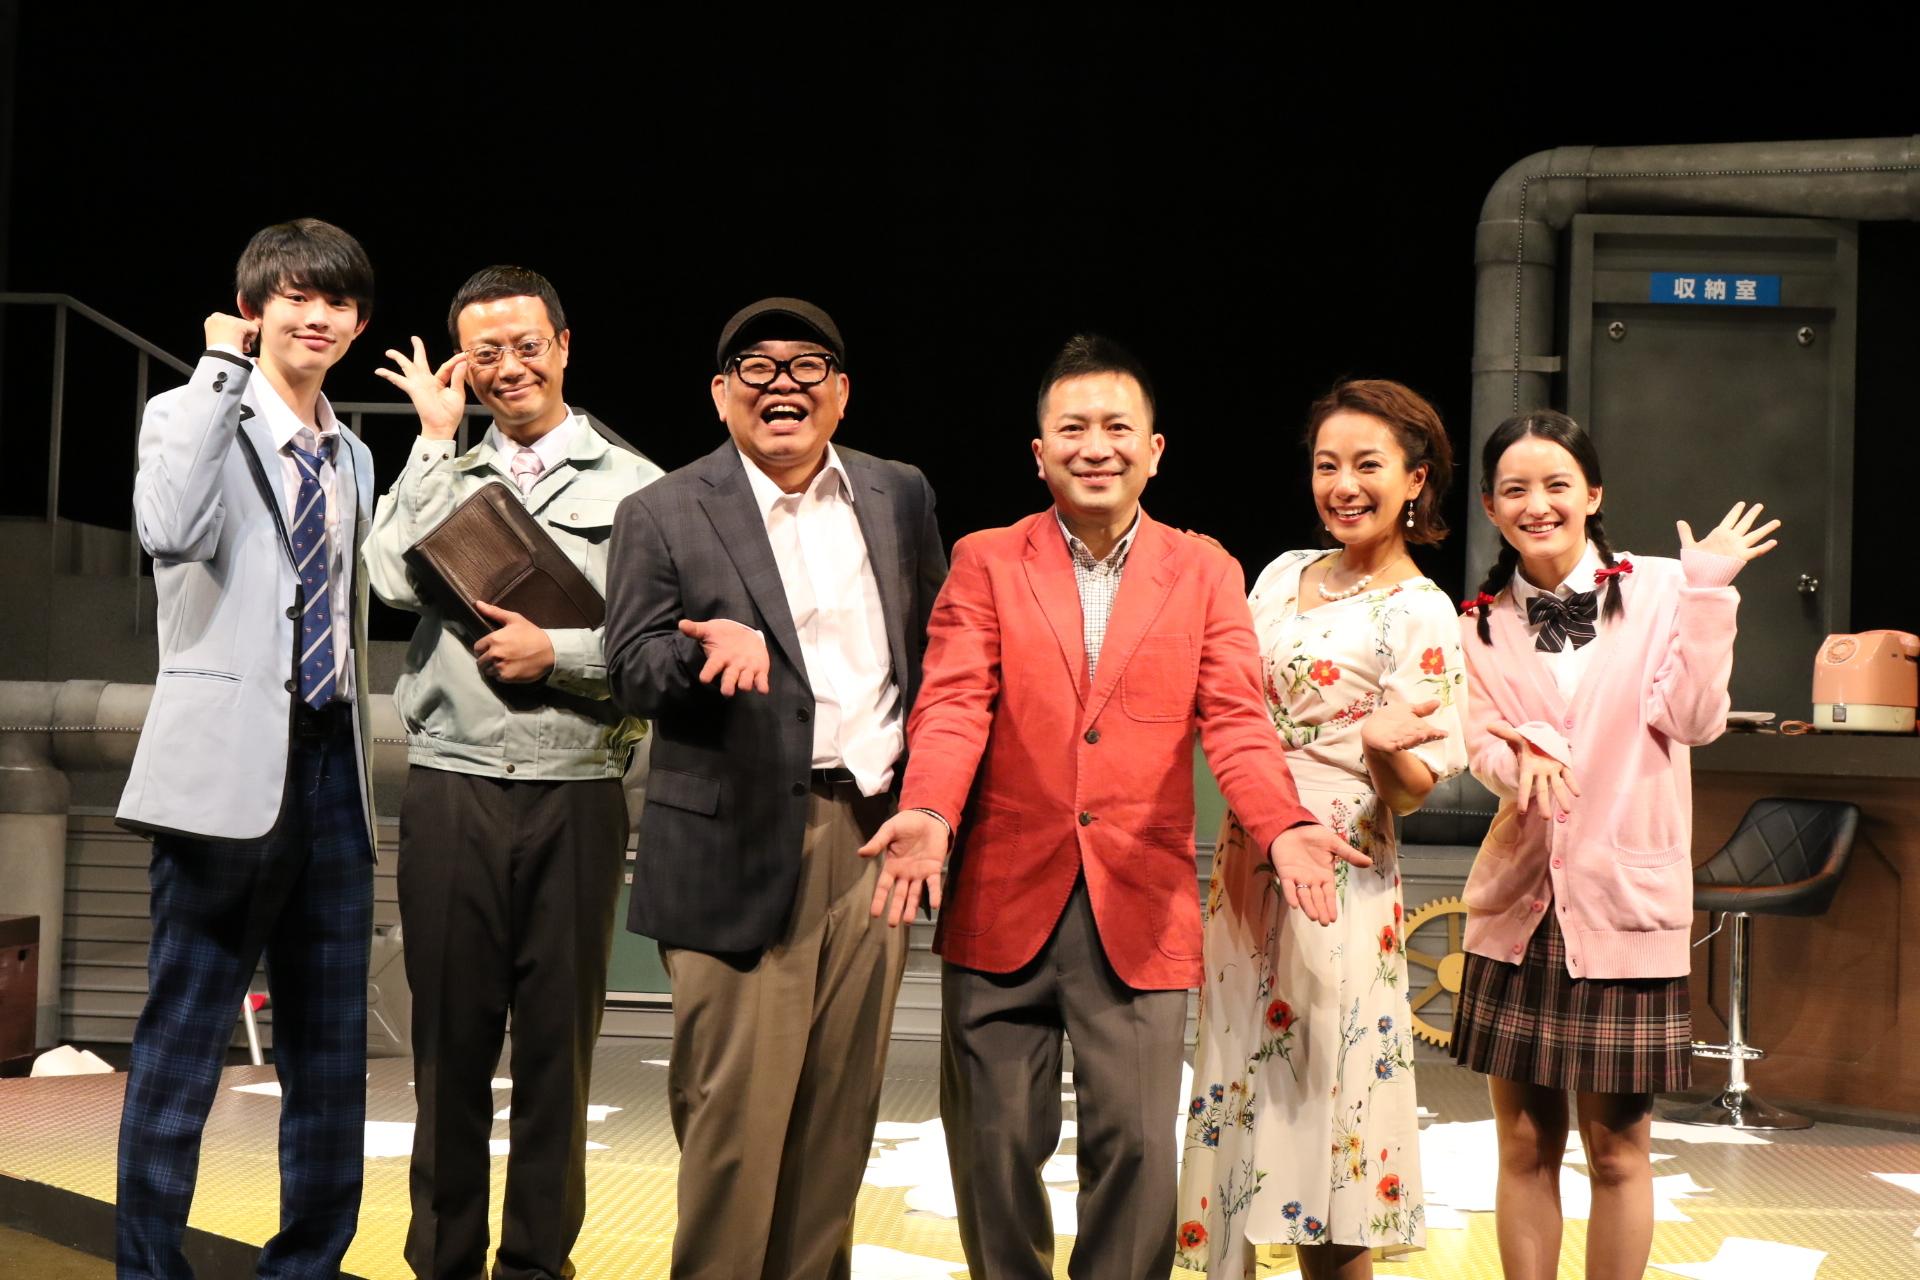 『おうちで舞台~カンテレ劇場~』(『はい!丸尾不動産です。~本日、家に化けて出ます~』)